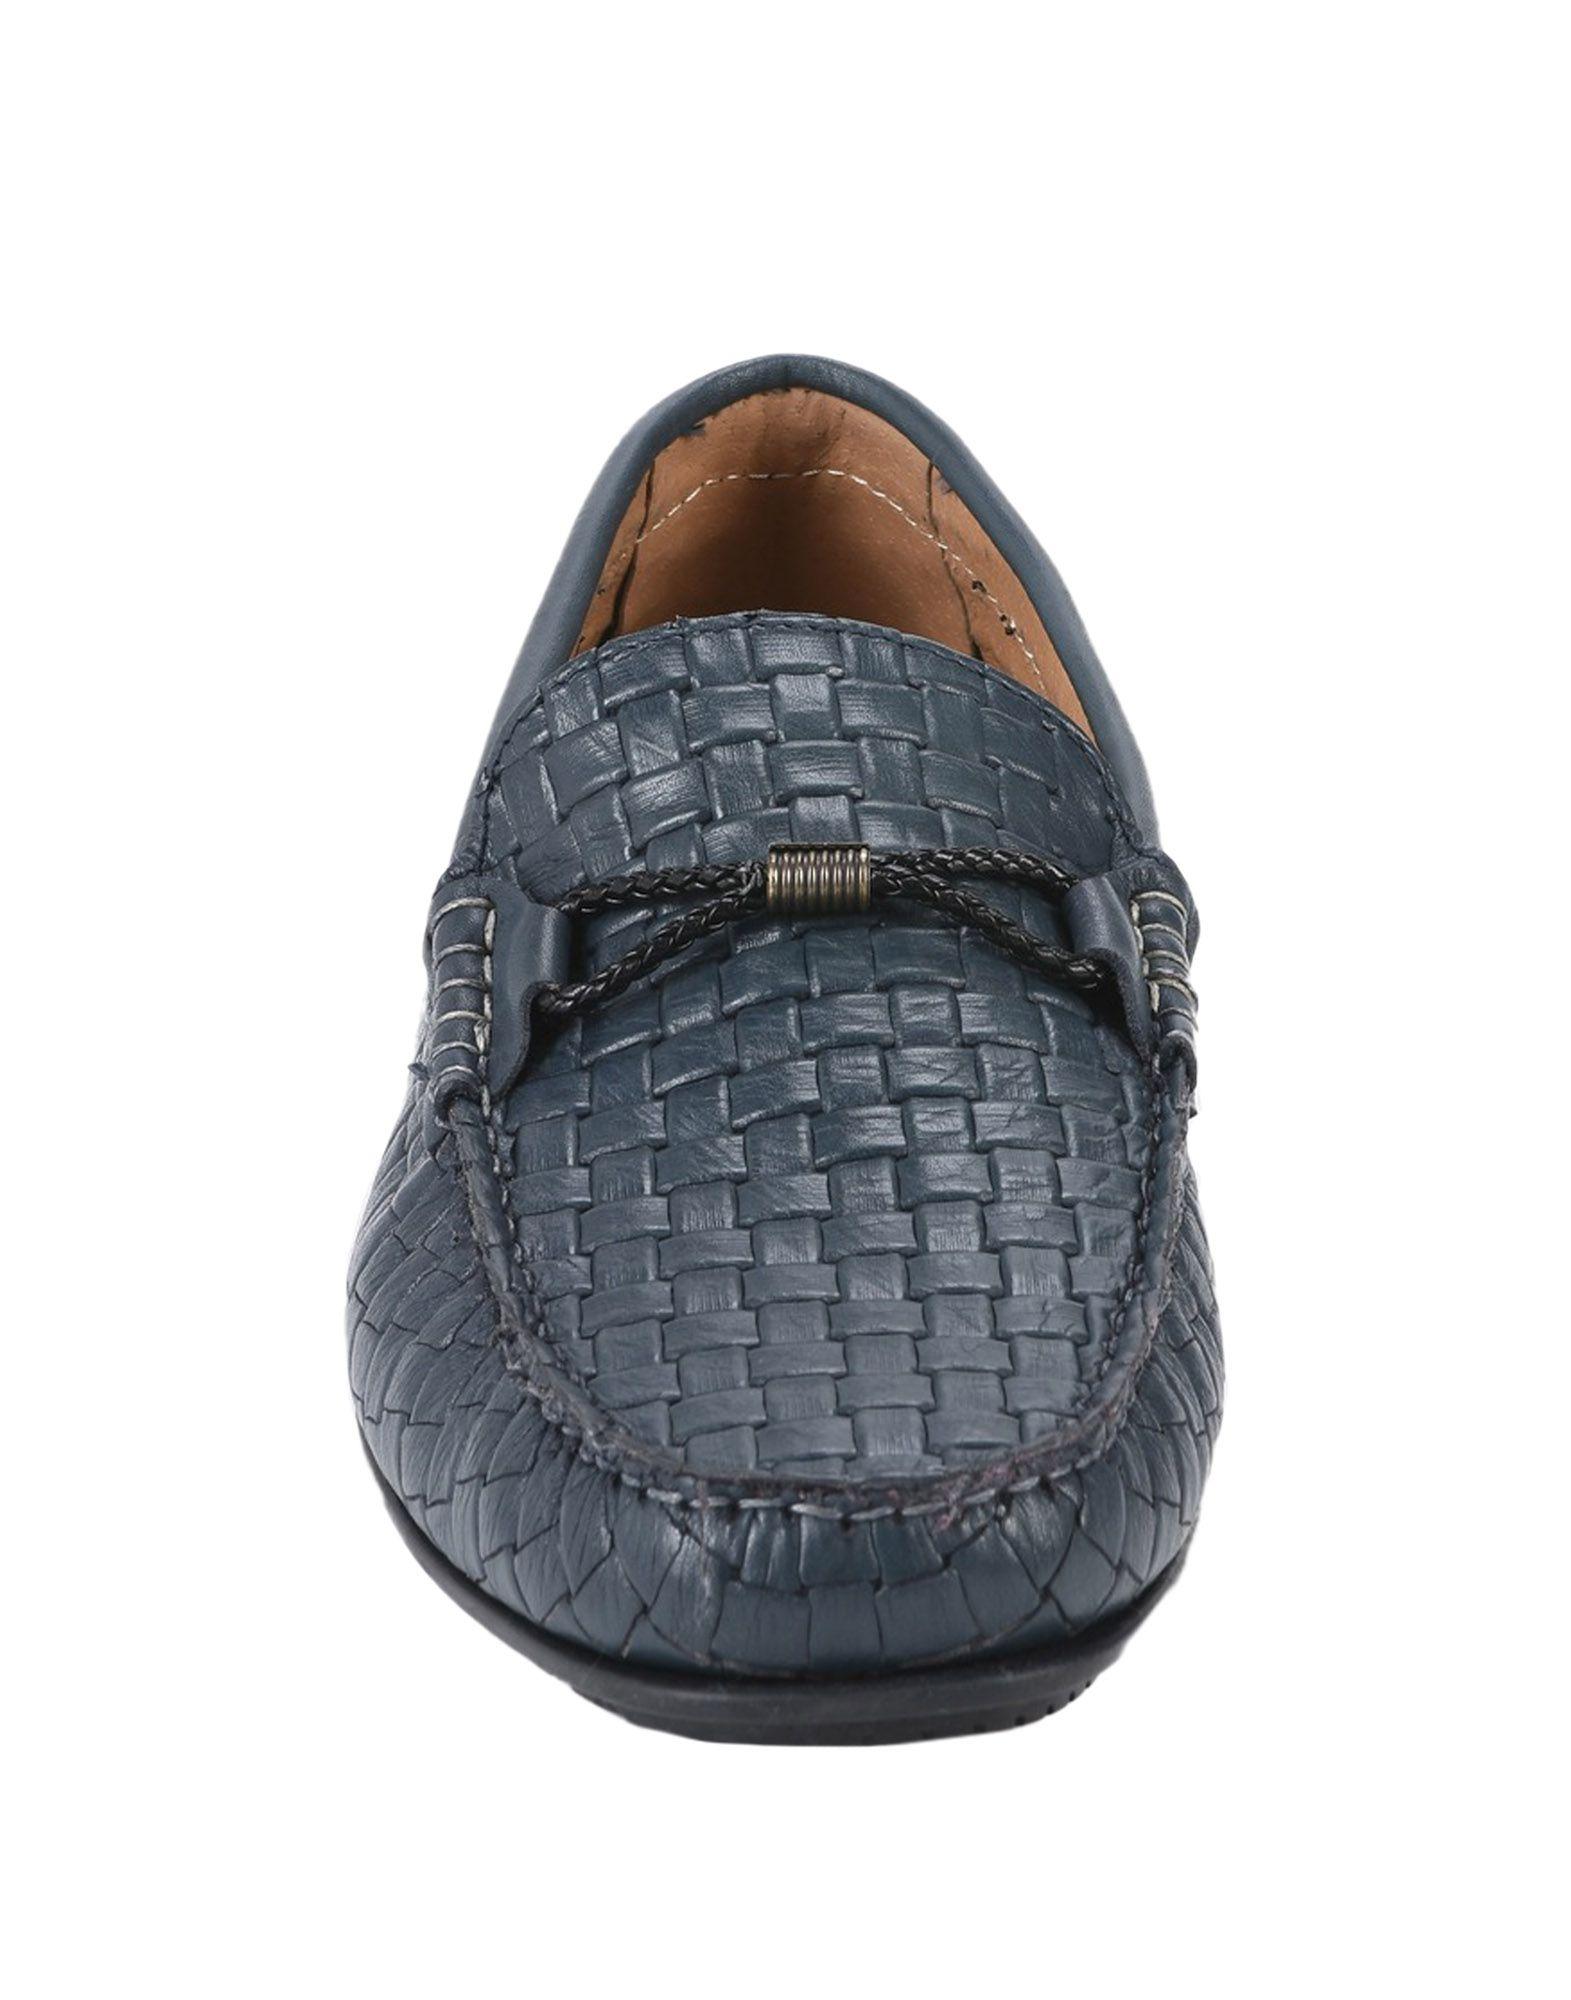 Rabatt echte Schuhe Schuhe echte Leonardo Principi Mokassins Herren  11495331TA 3024c7